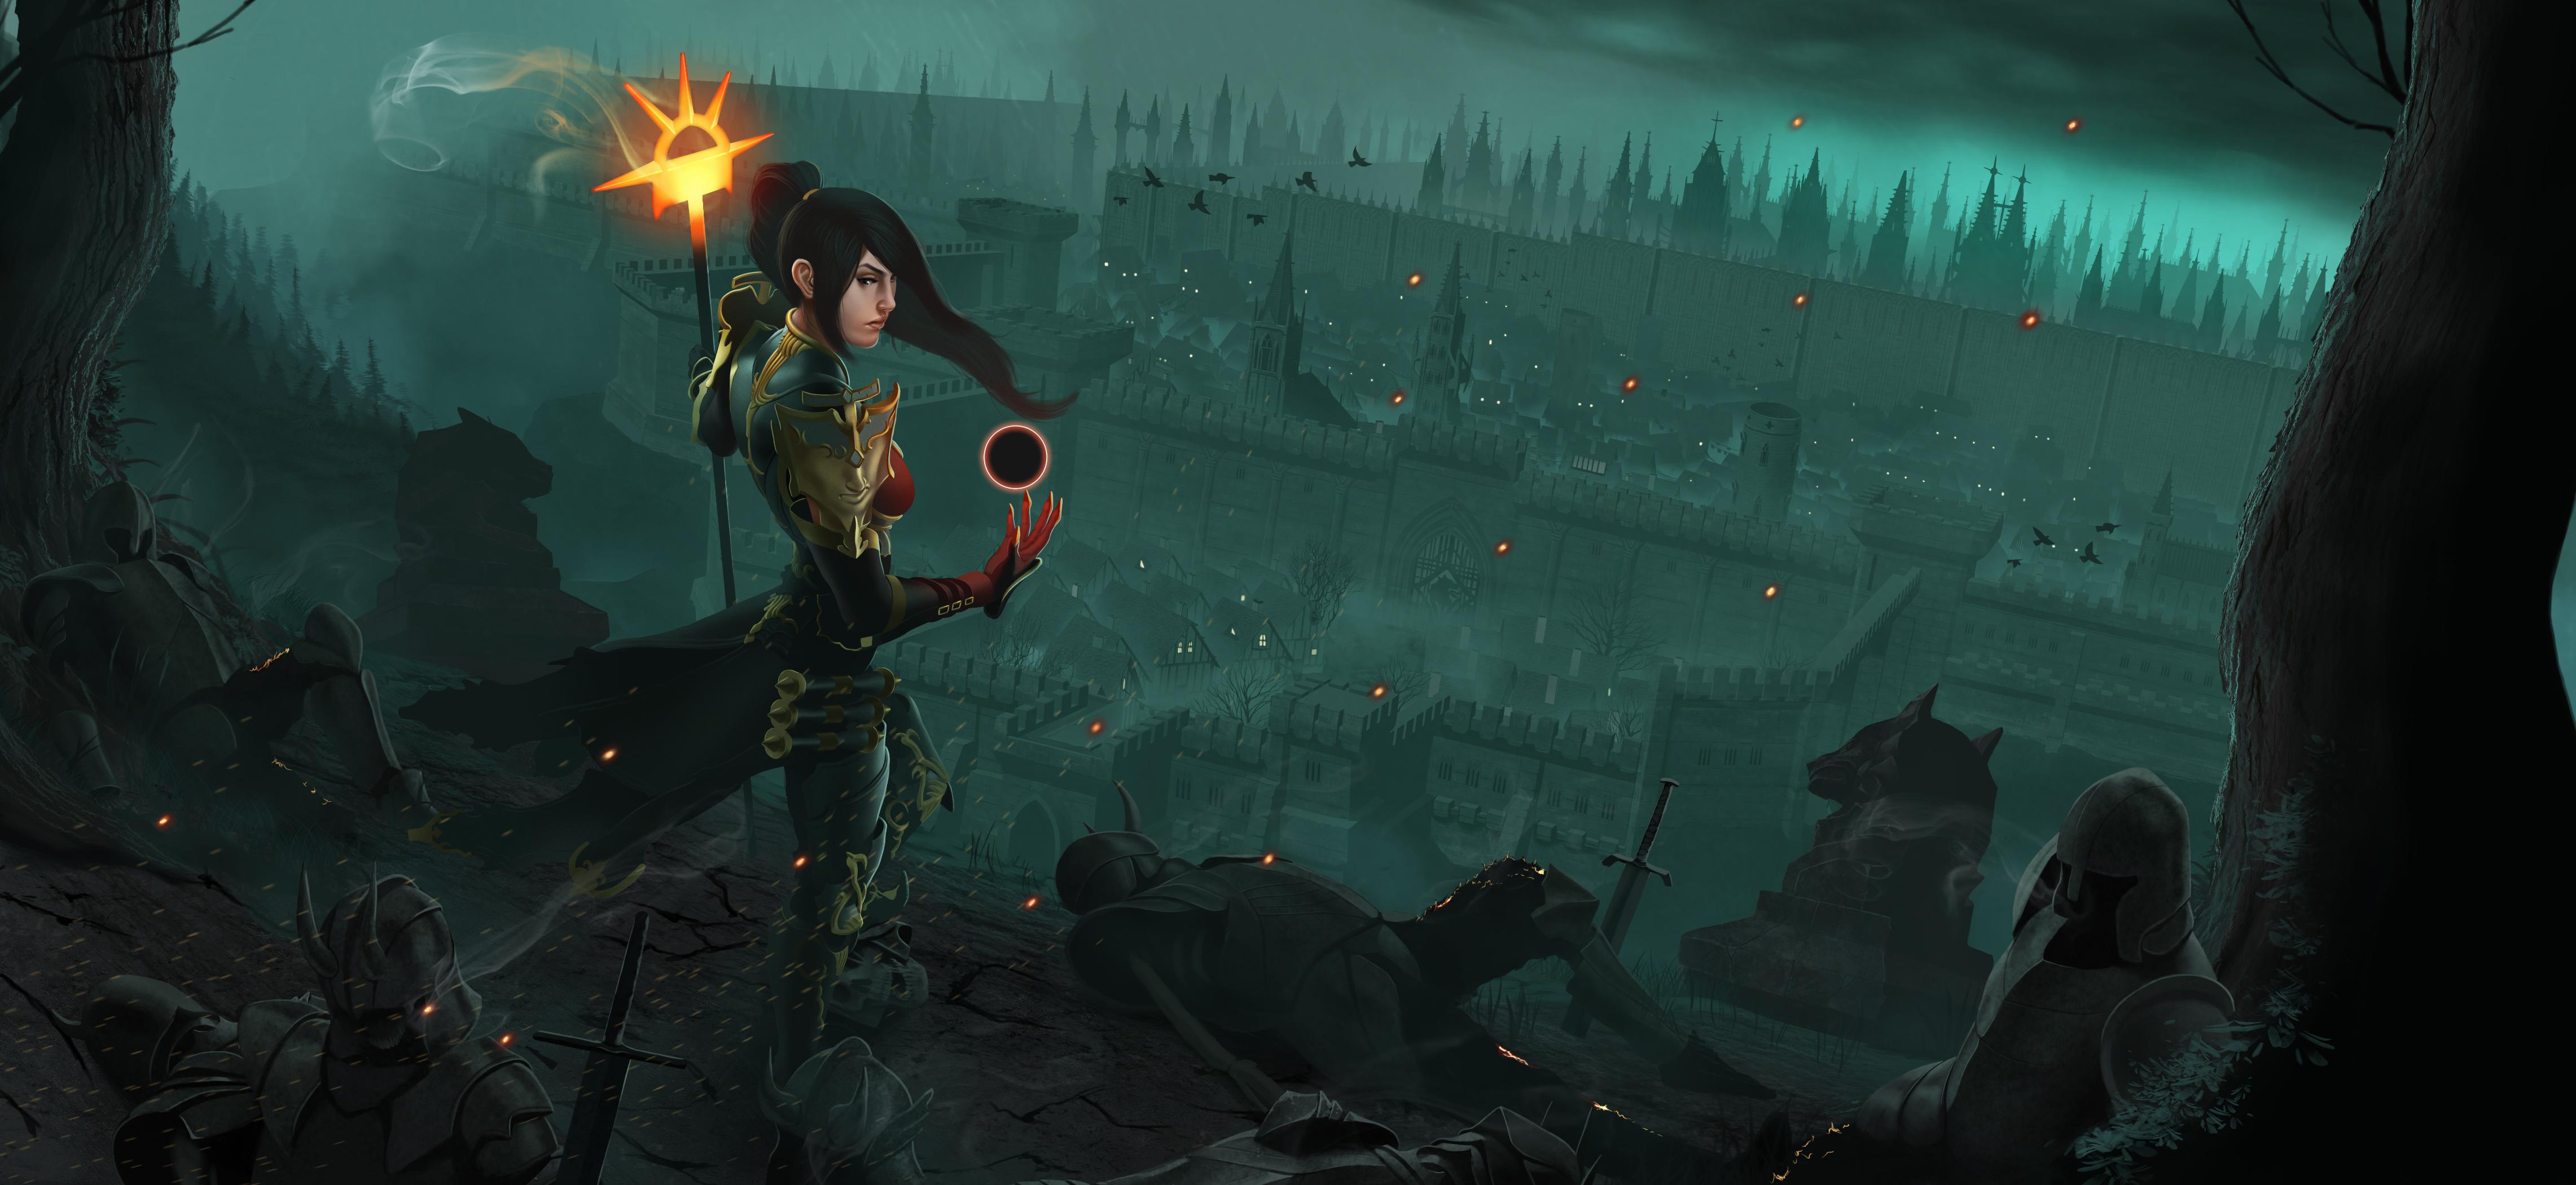 Reaper of Souls - Wizard by TeaInK on DeviantArt